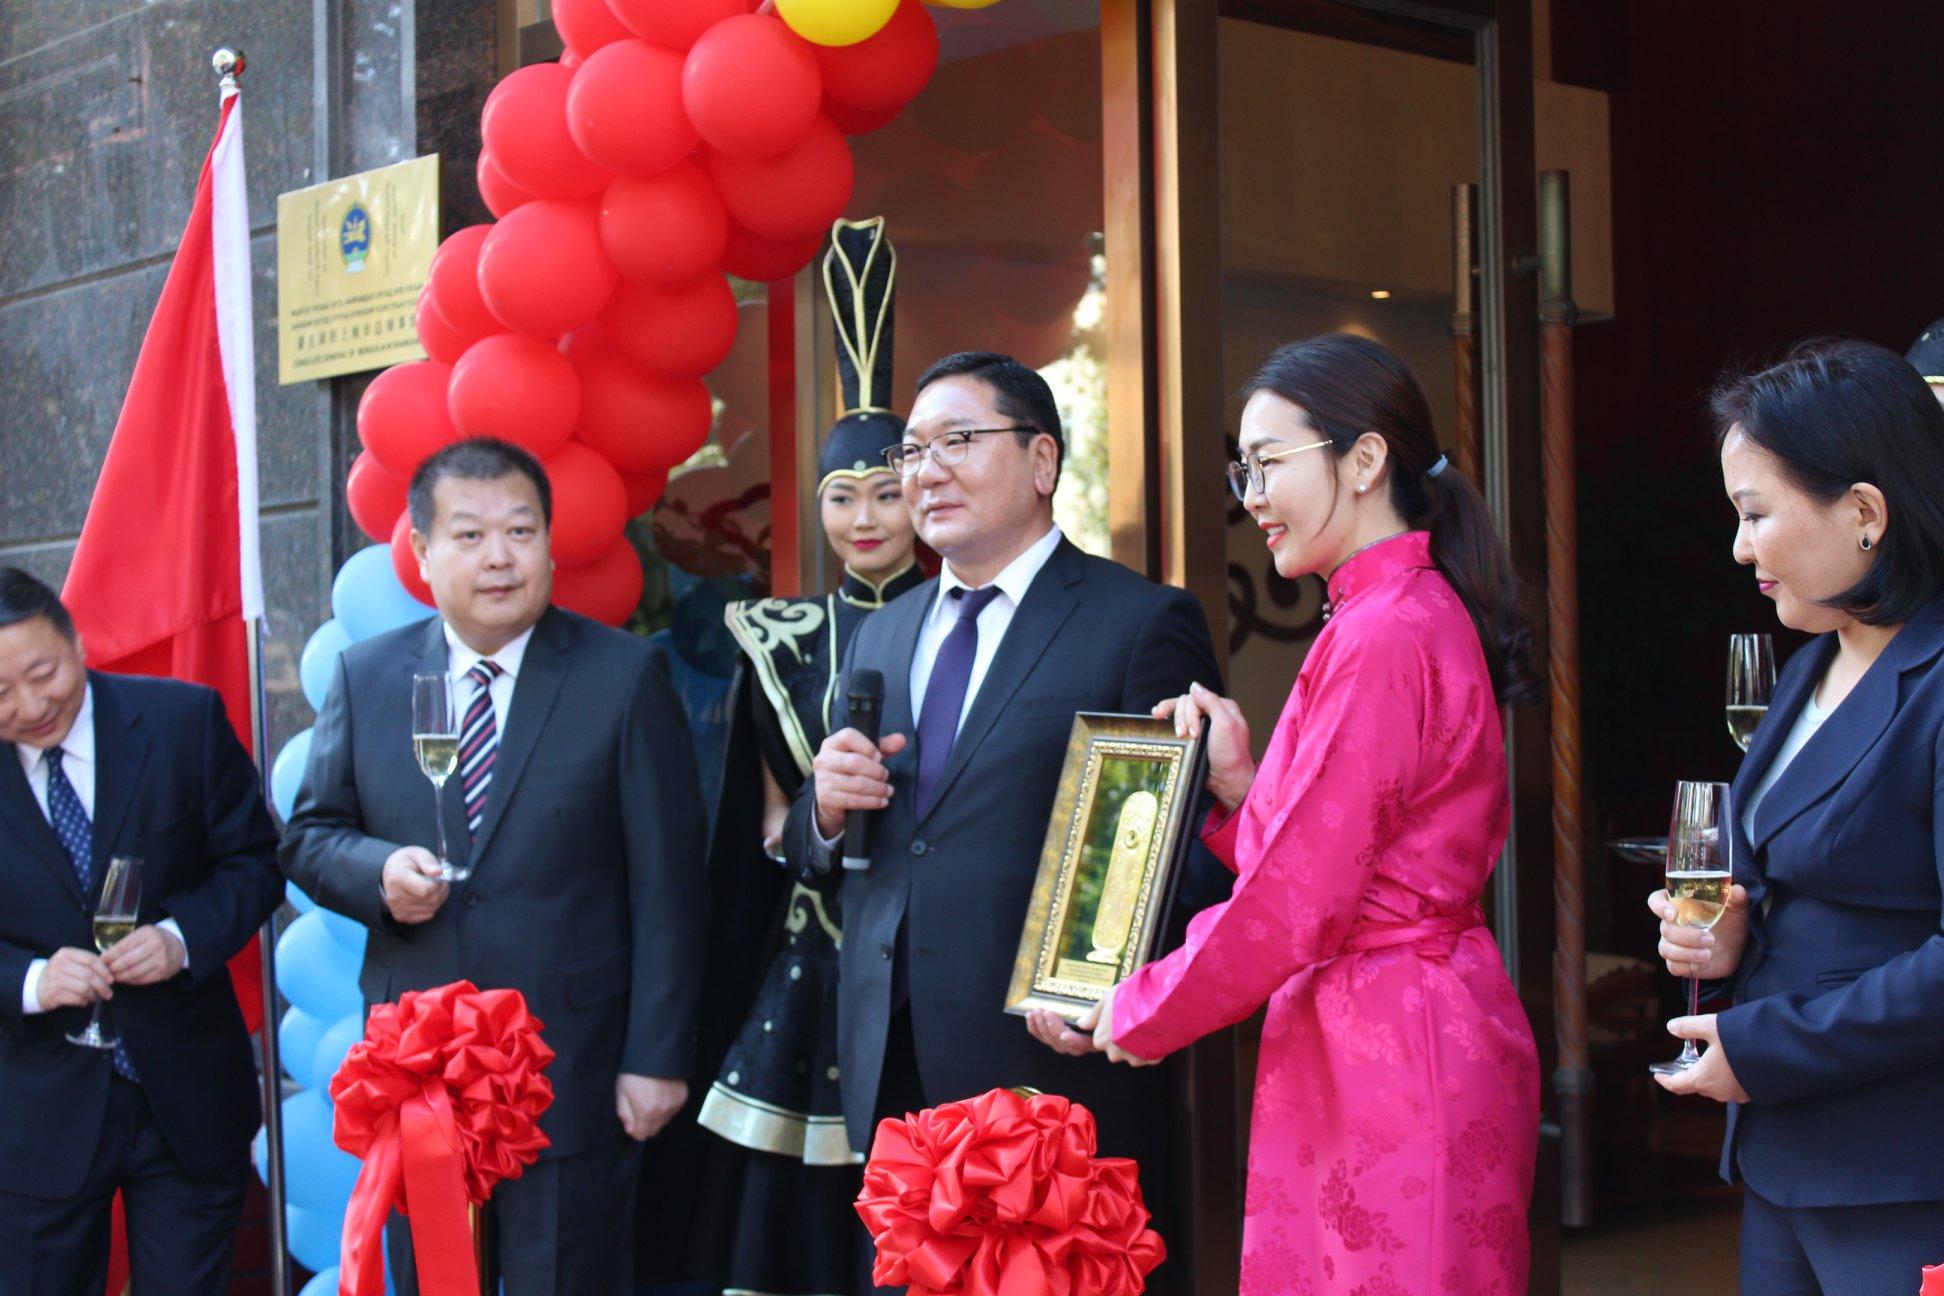 Шанхай хотод суух Ерөнхий консулын газрын нээлтийн ажиллагаа болов